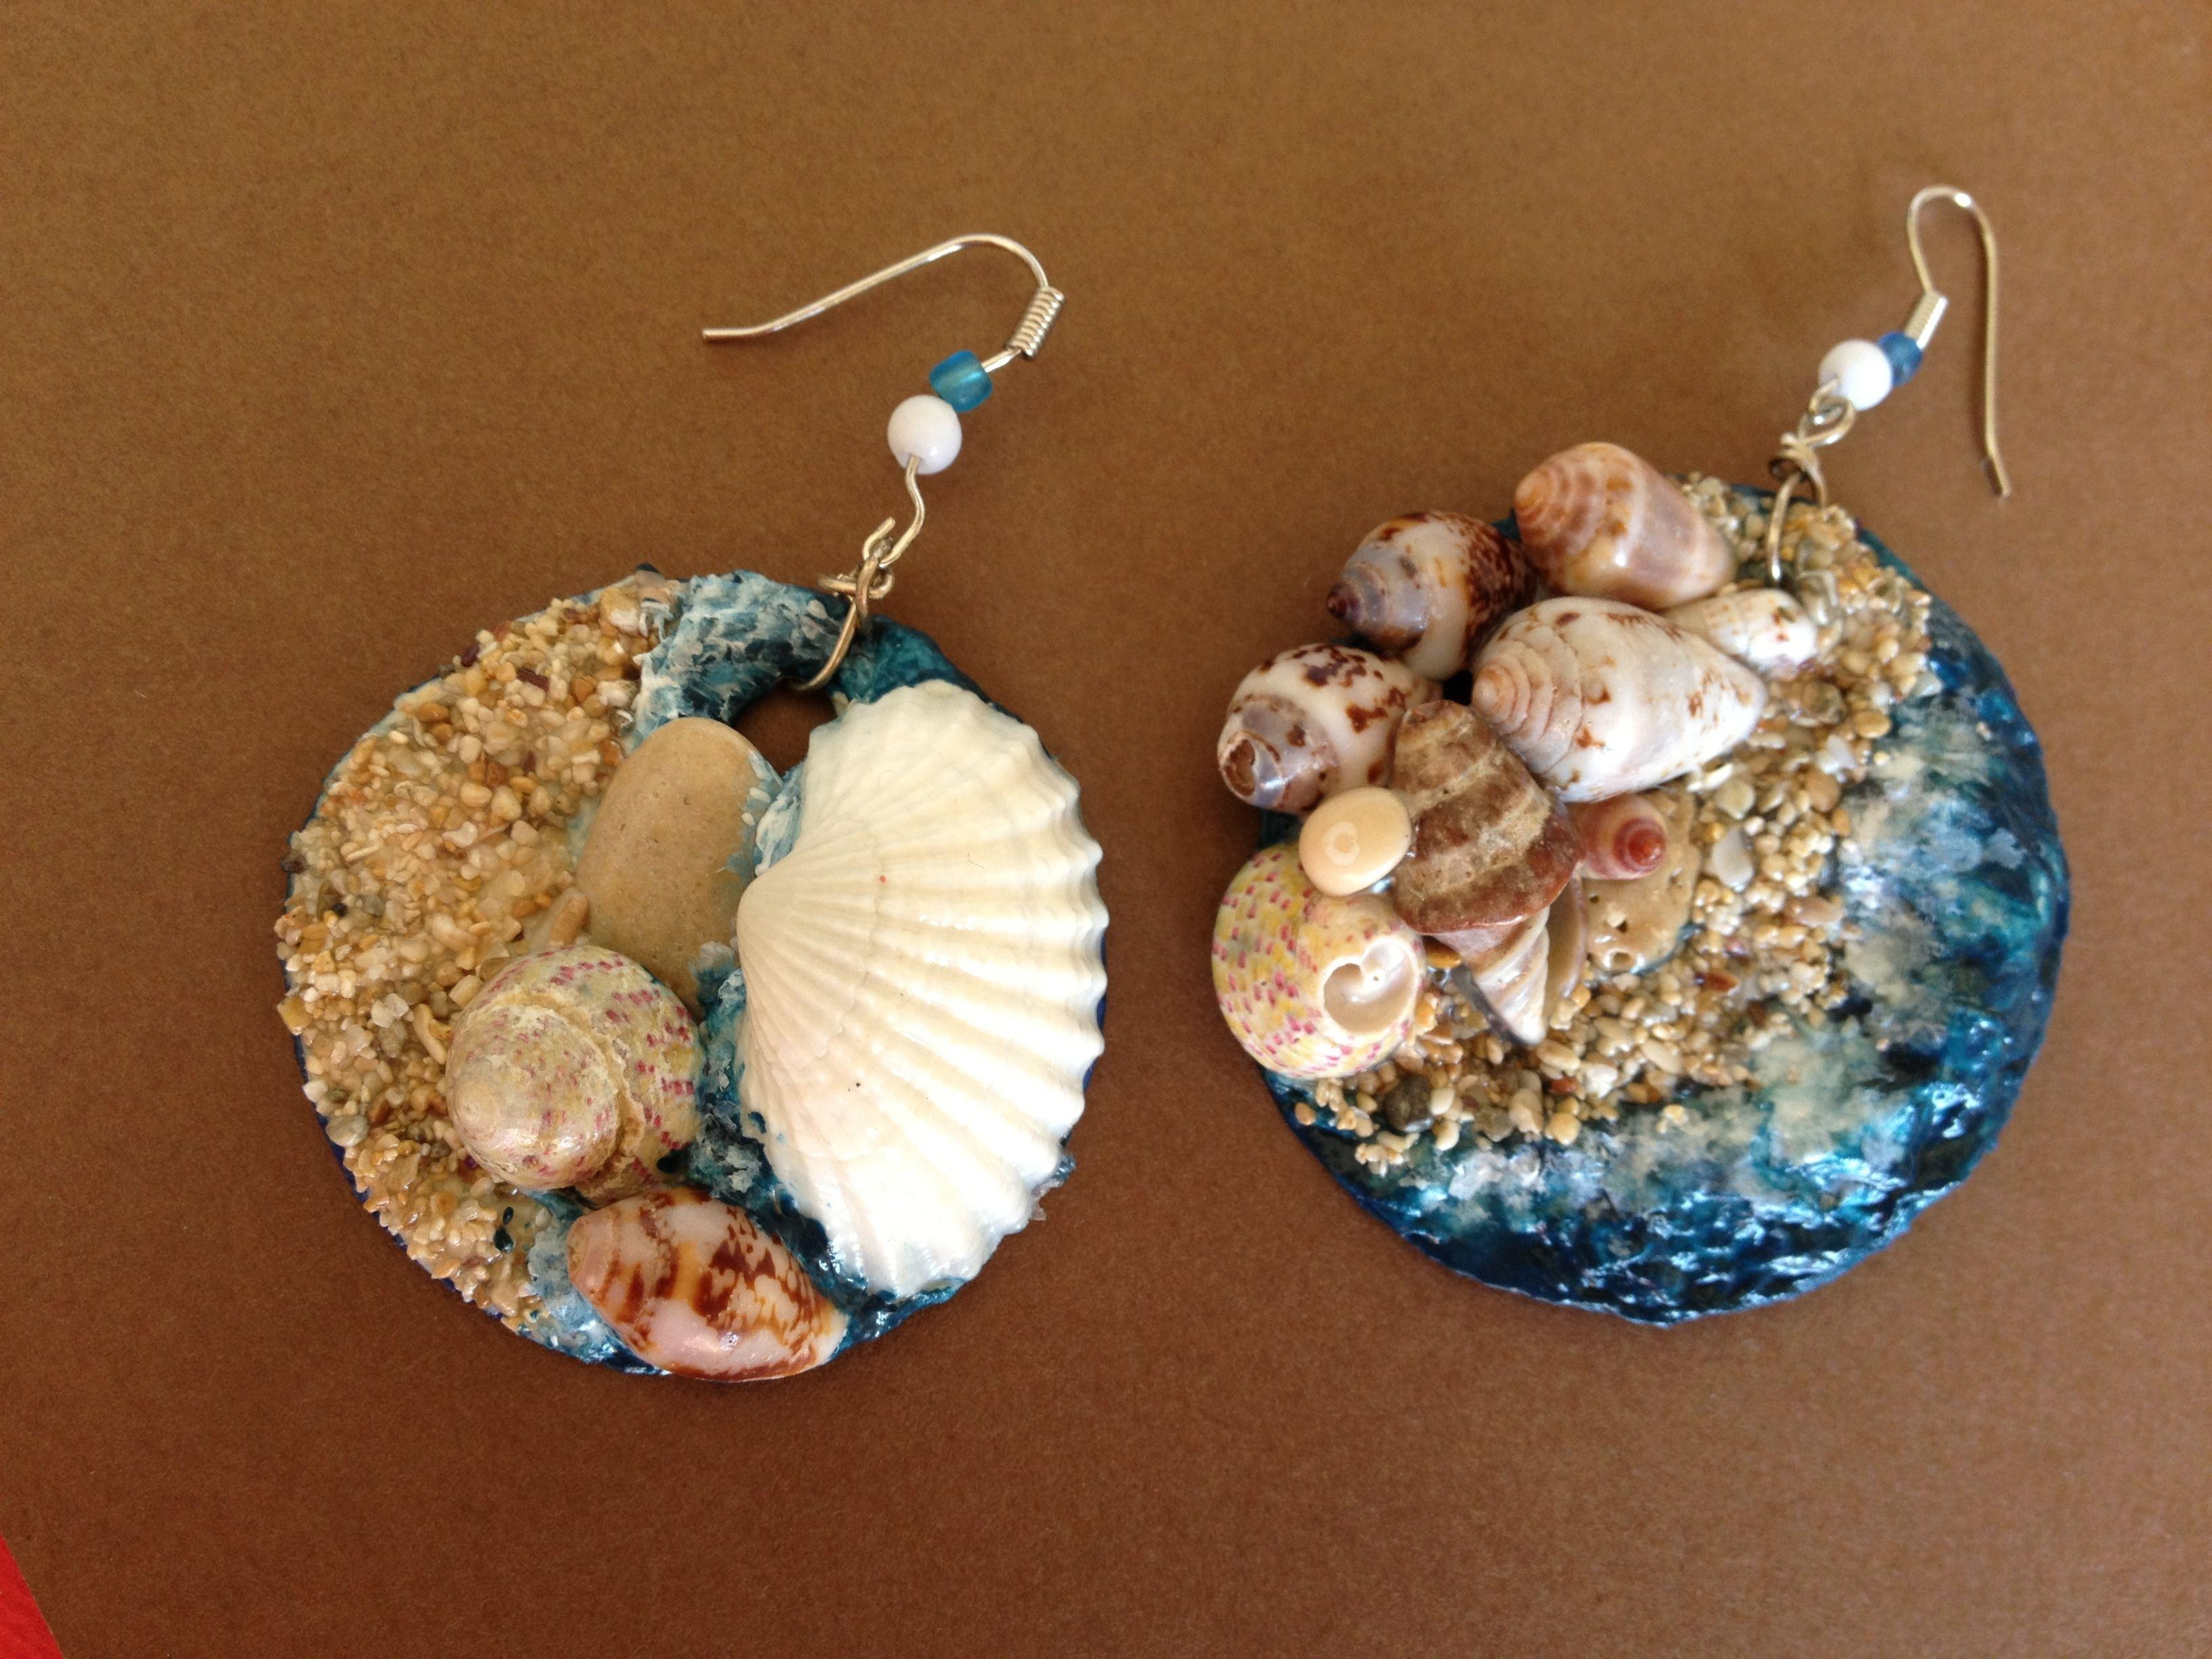 Orecchini conchiglie e cartapesta is part of Diy earrings - Visita l'articolo per saperne di più